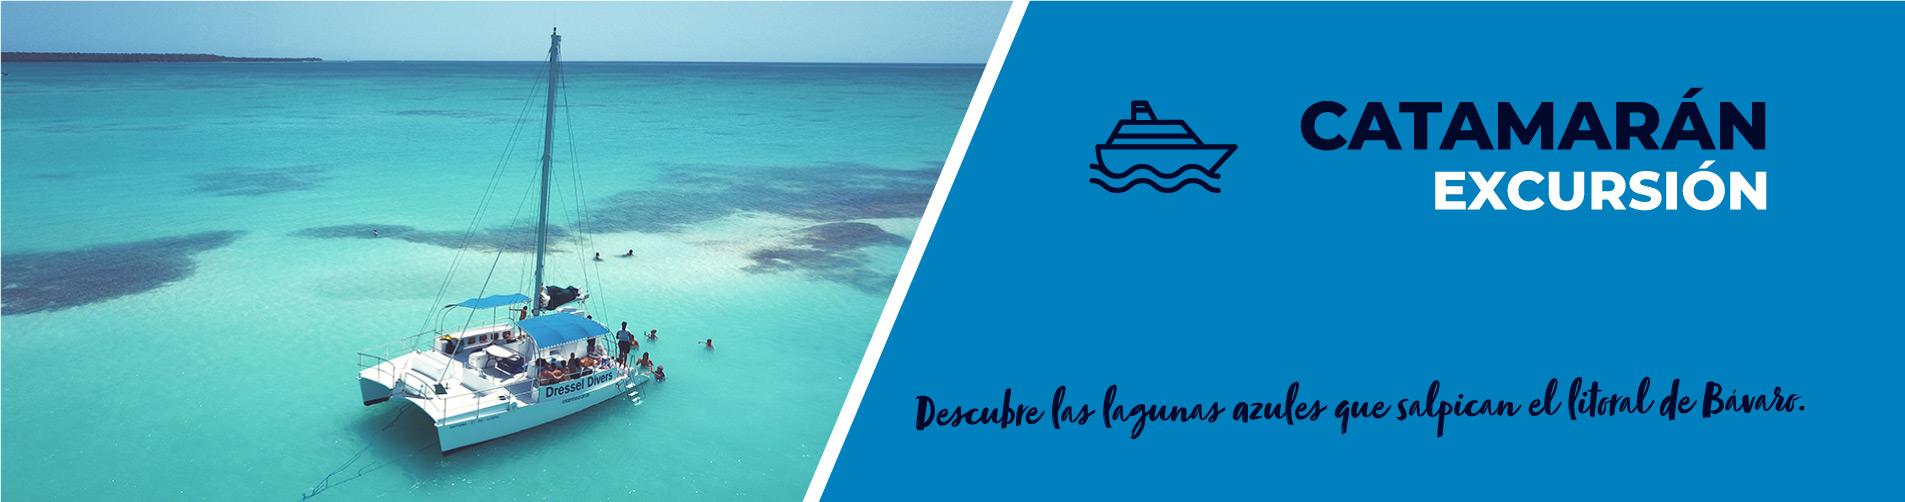 Excursion Catamaran Punta Cana - slide